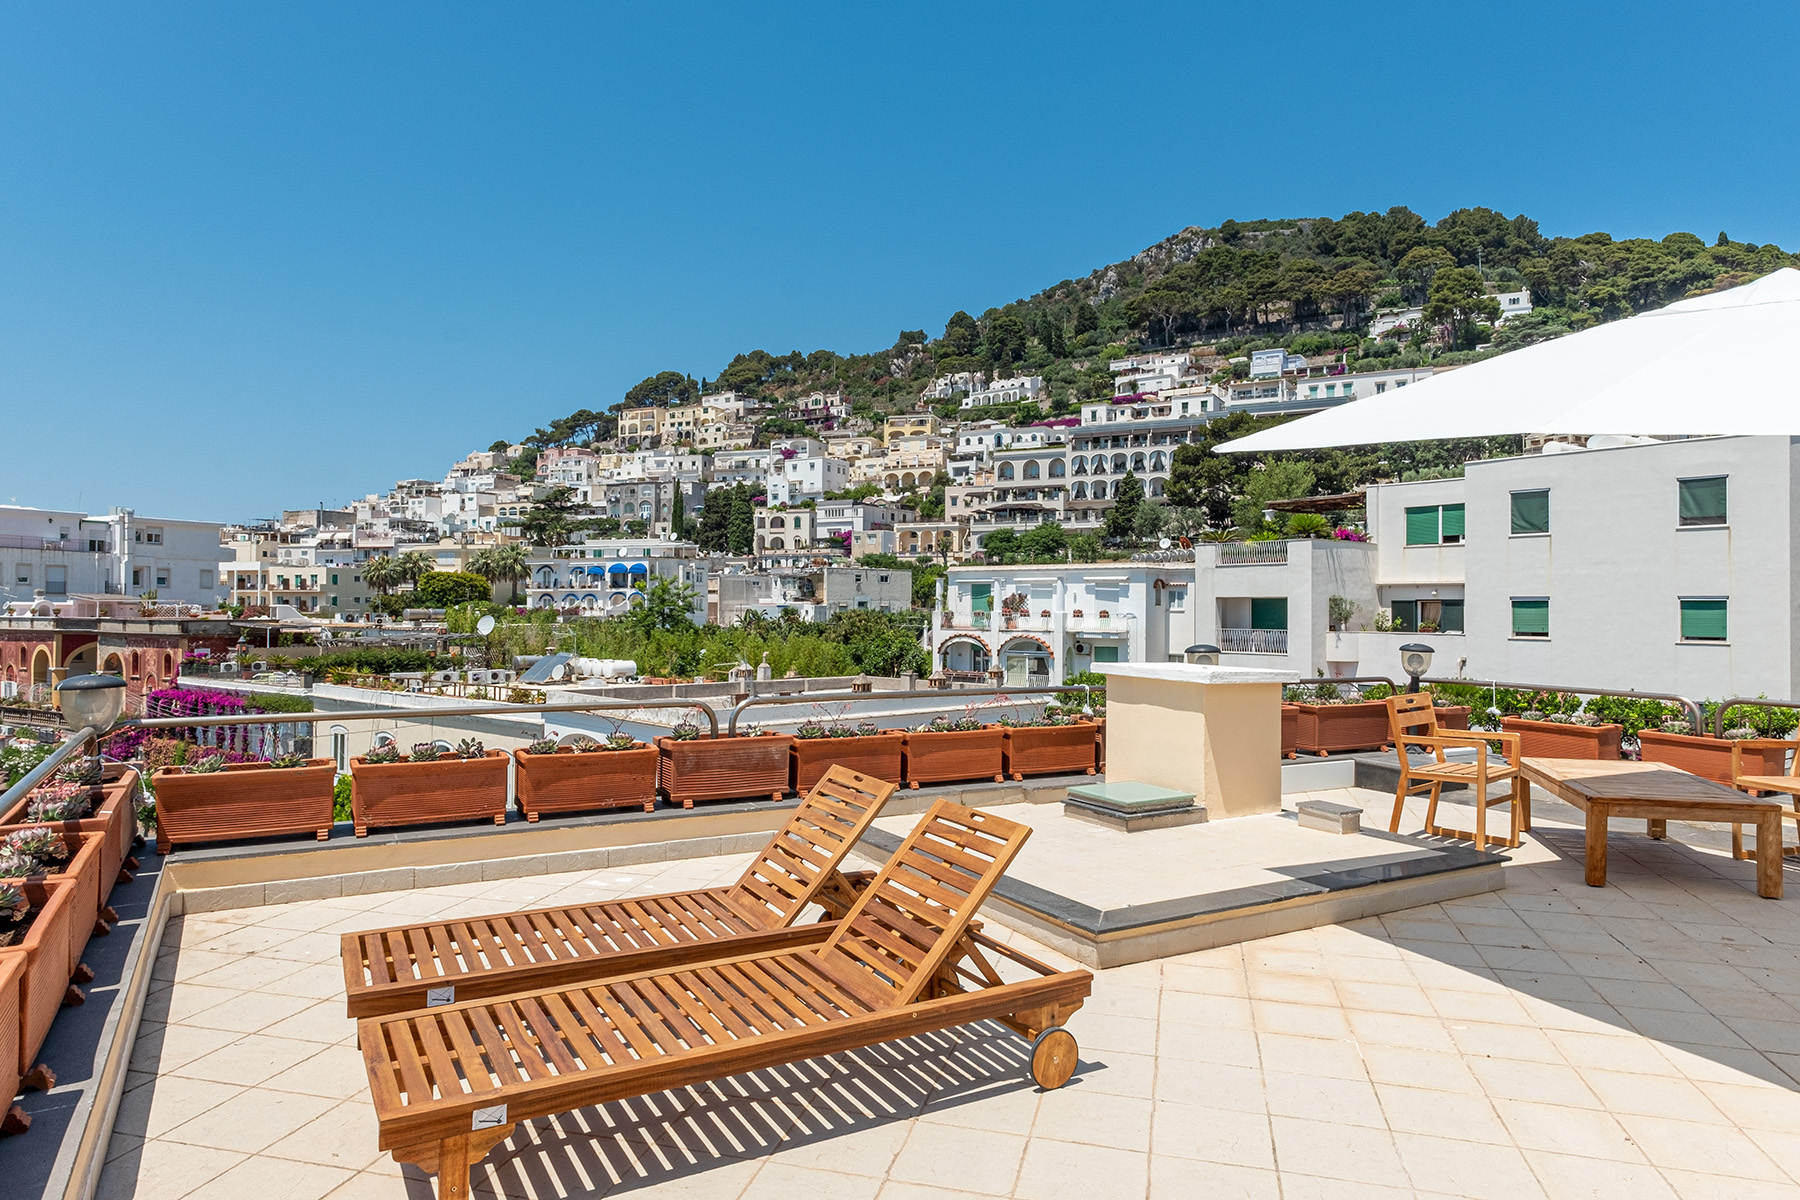 Attico in Vendita a Capri: 5 locali, 160 mq - Foto 2